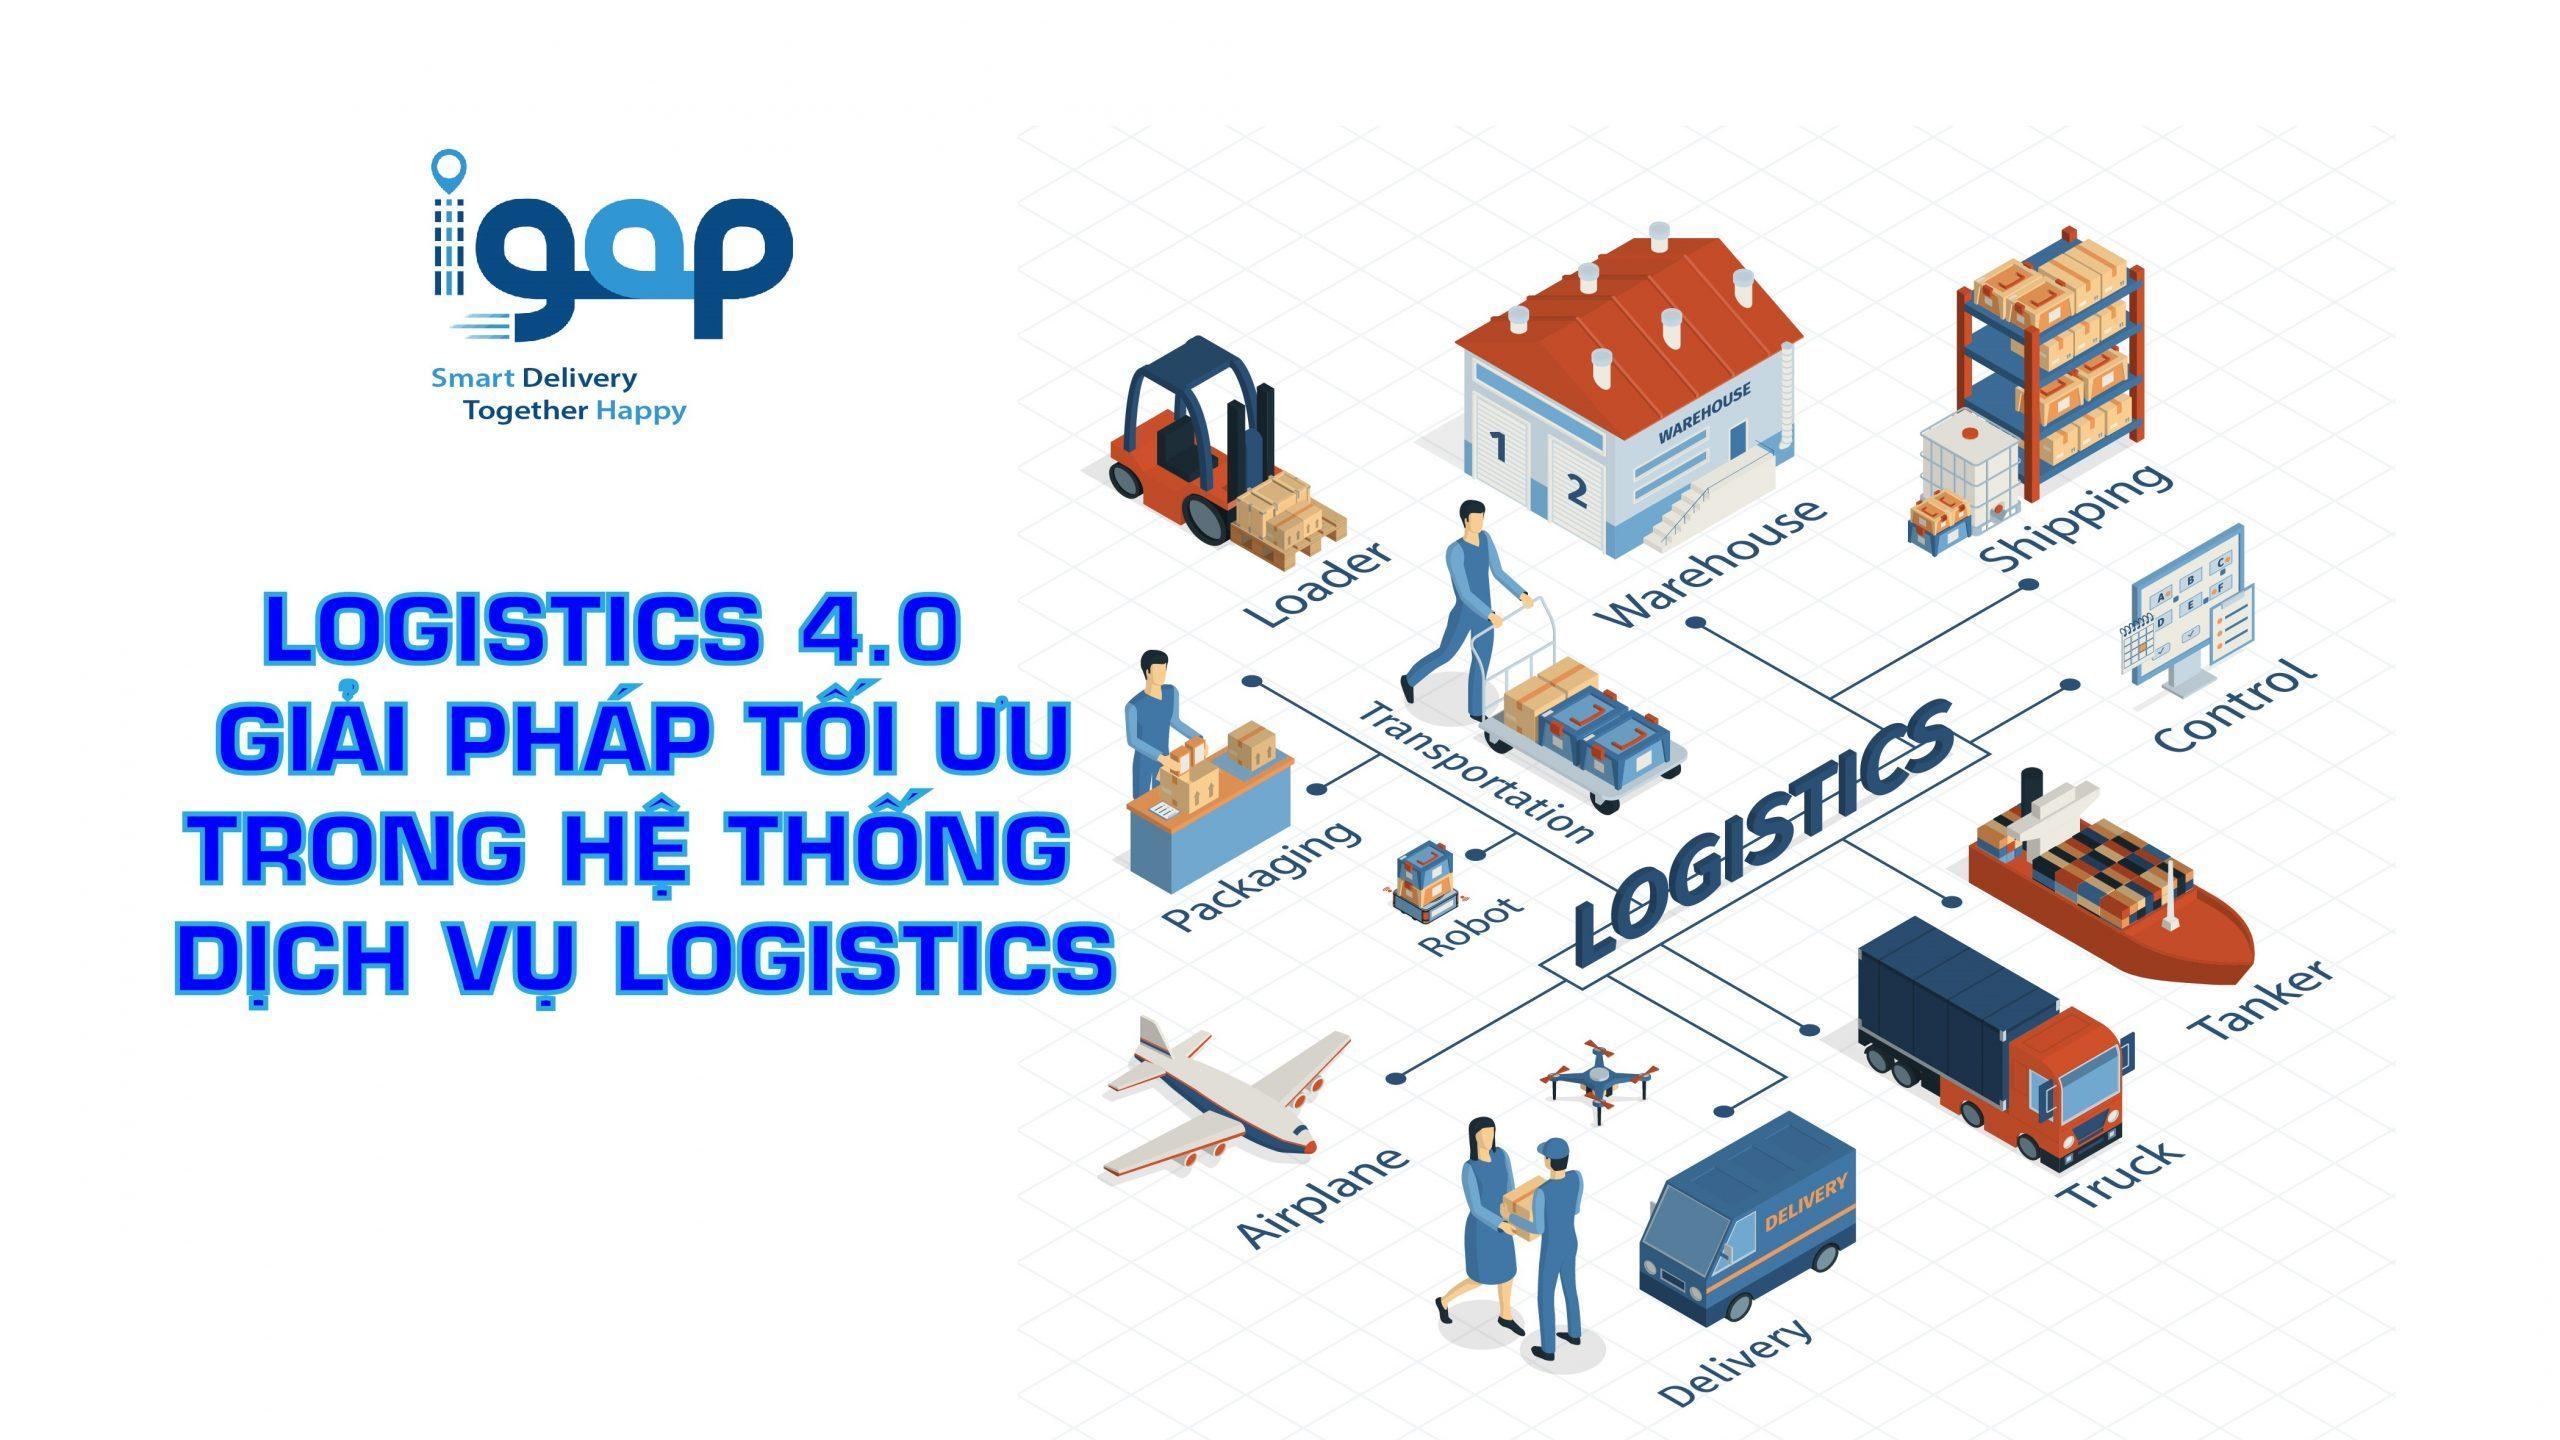 LOGISTICS 4.0 – GIẢI PHÁP TỐI ƯU   TRONG HỆ THỐNG DỊCH VỤ LOGISTICS